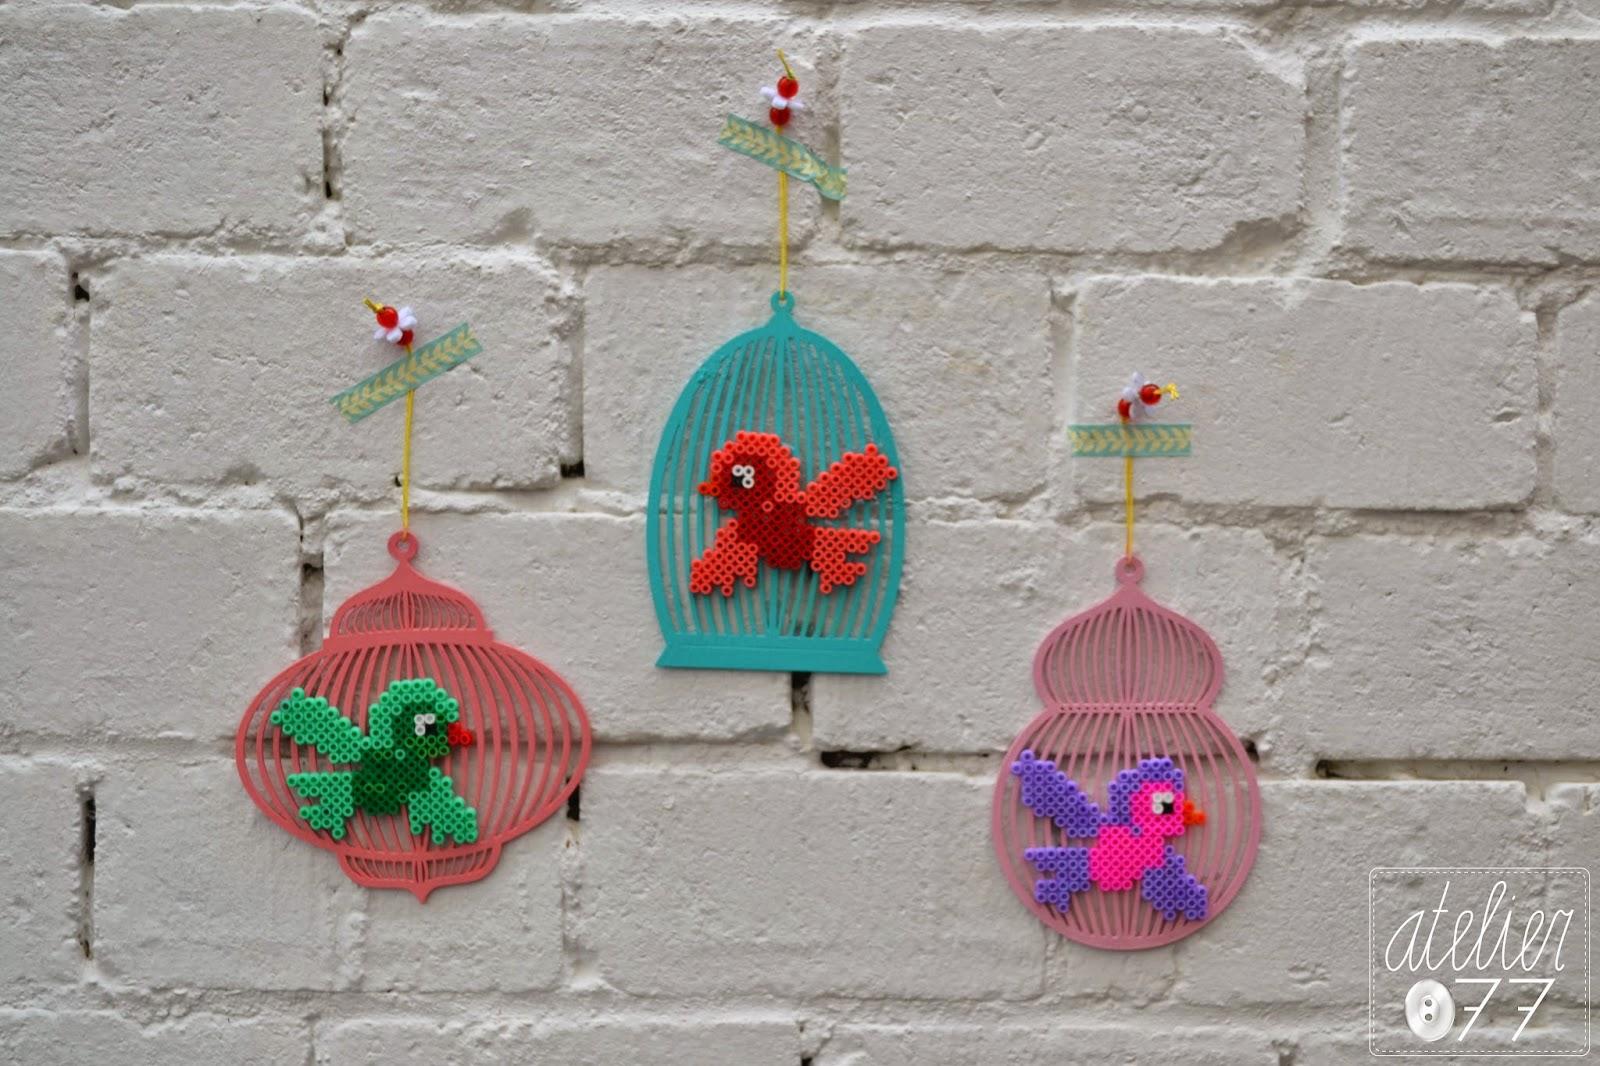 vogelkooitjes vogeltjes atelier077 hama kralen hamakralen